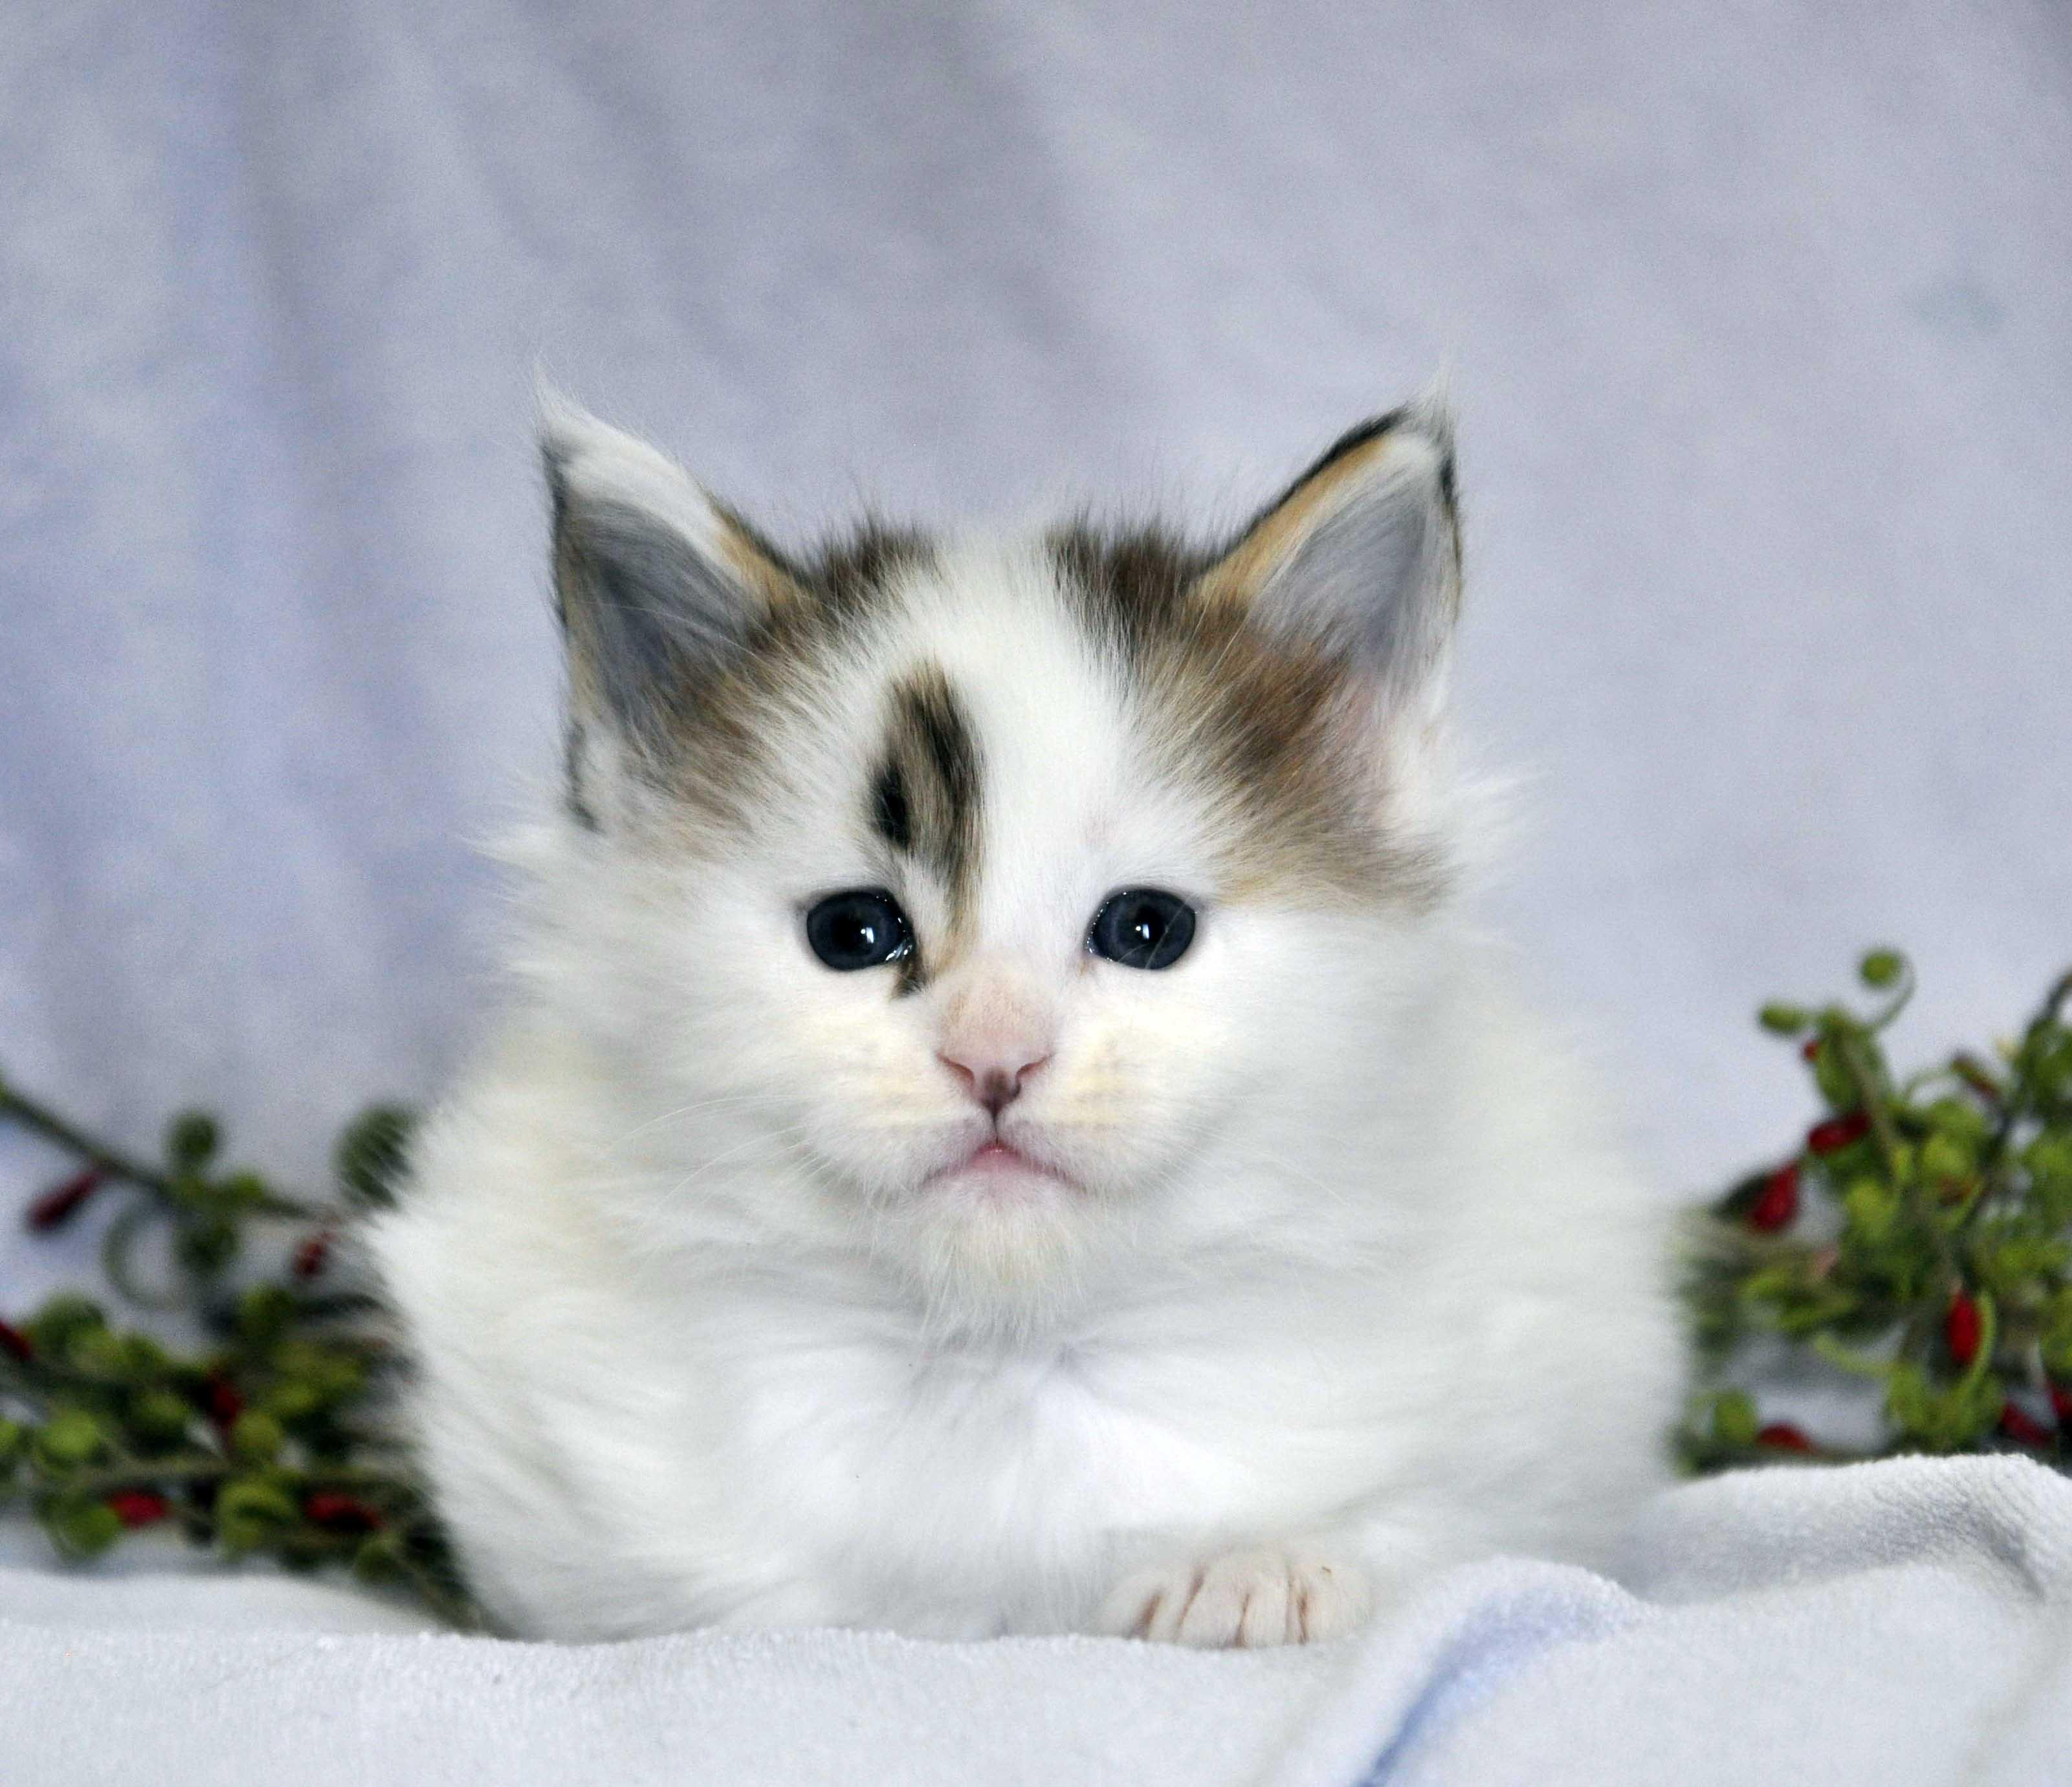 Кот Мейн Кун 1 (male) Eyktan TYSON 110418 фото 8